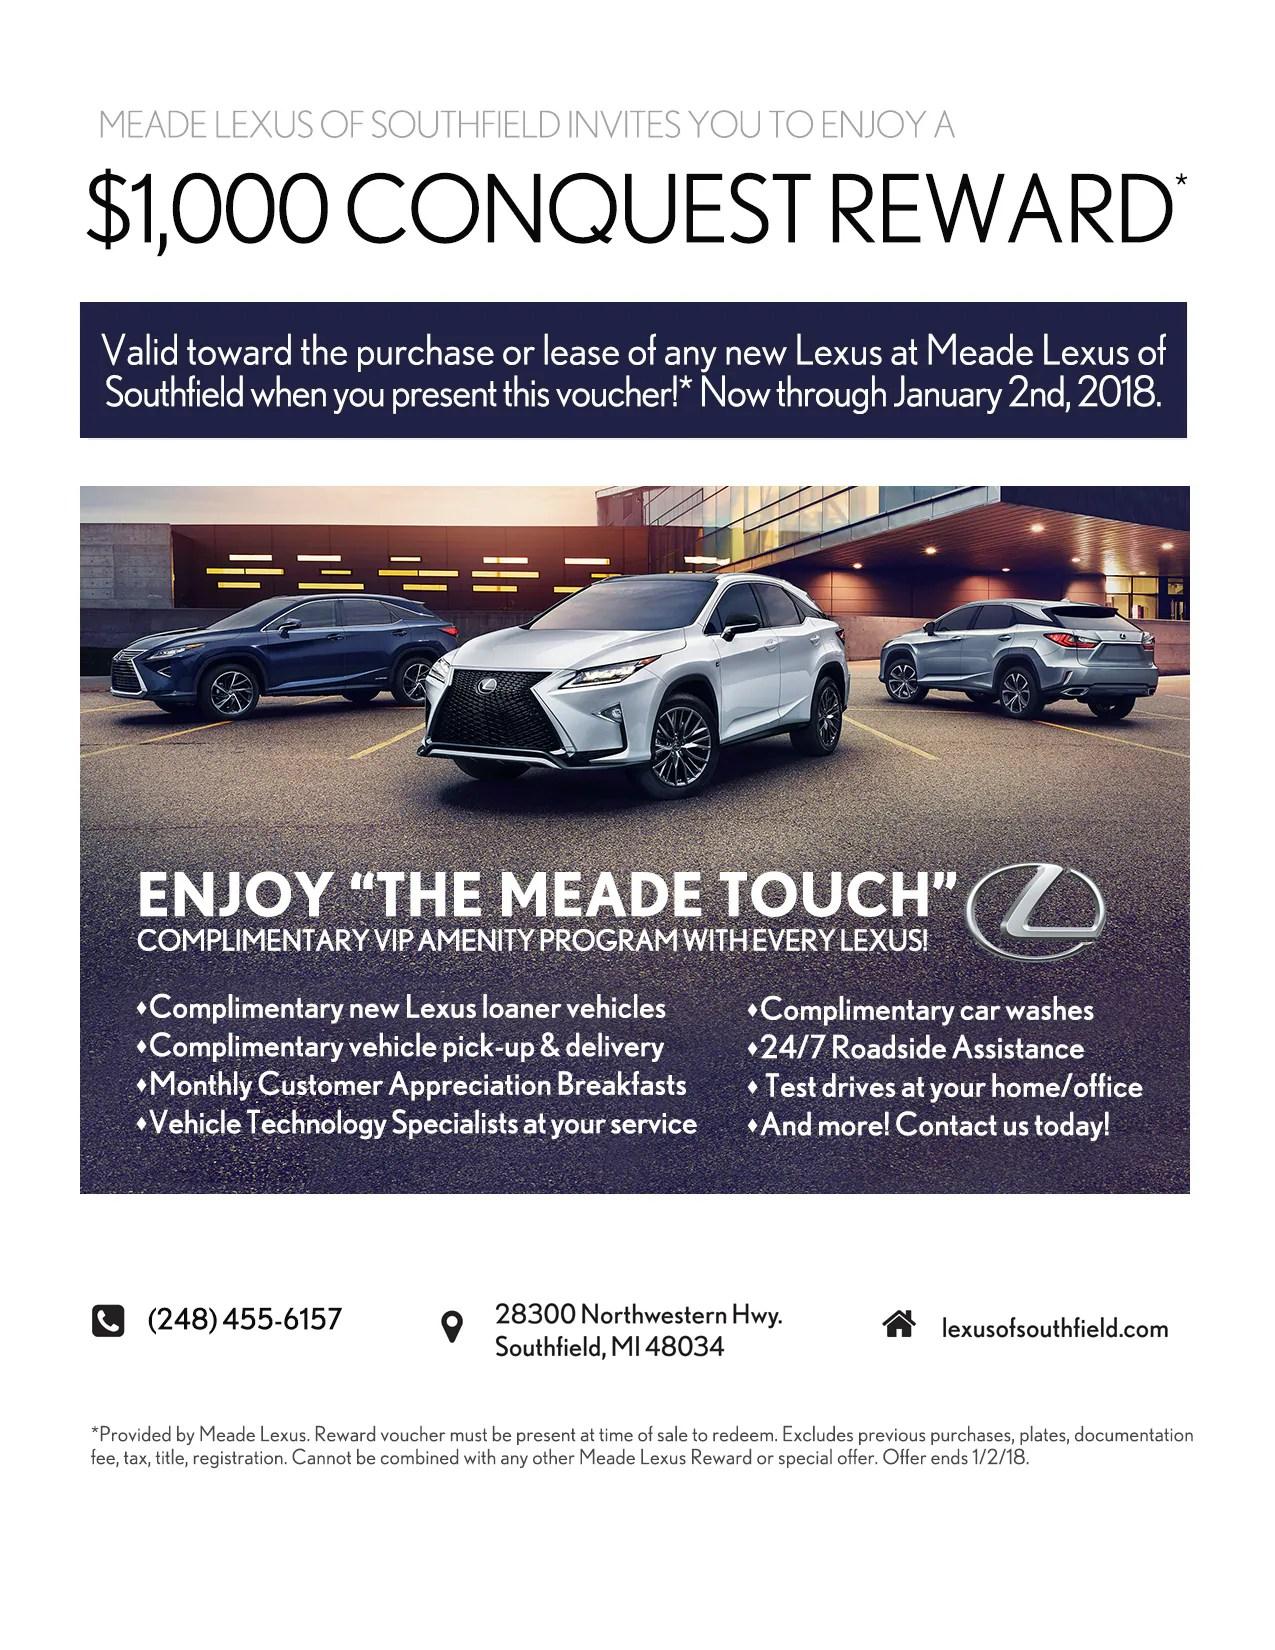 Meade Lexus Southfield